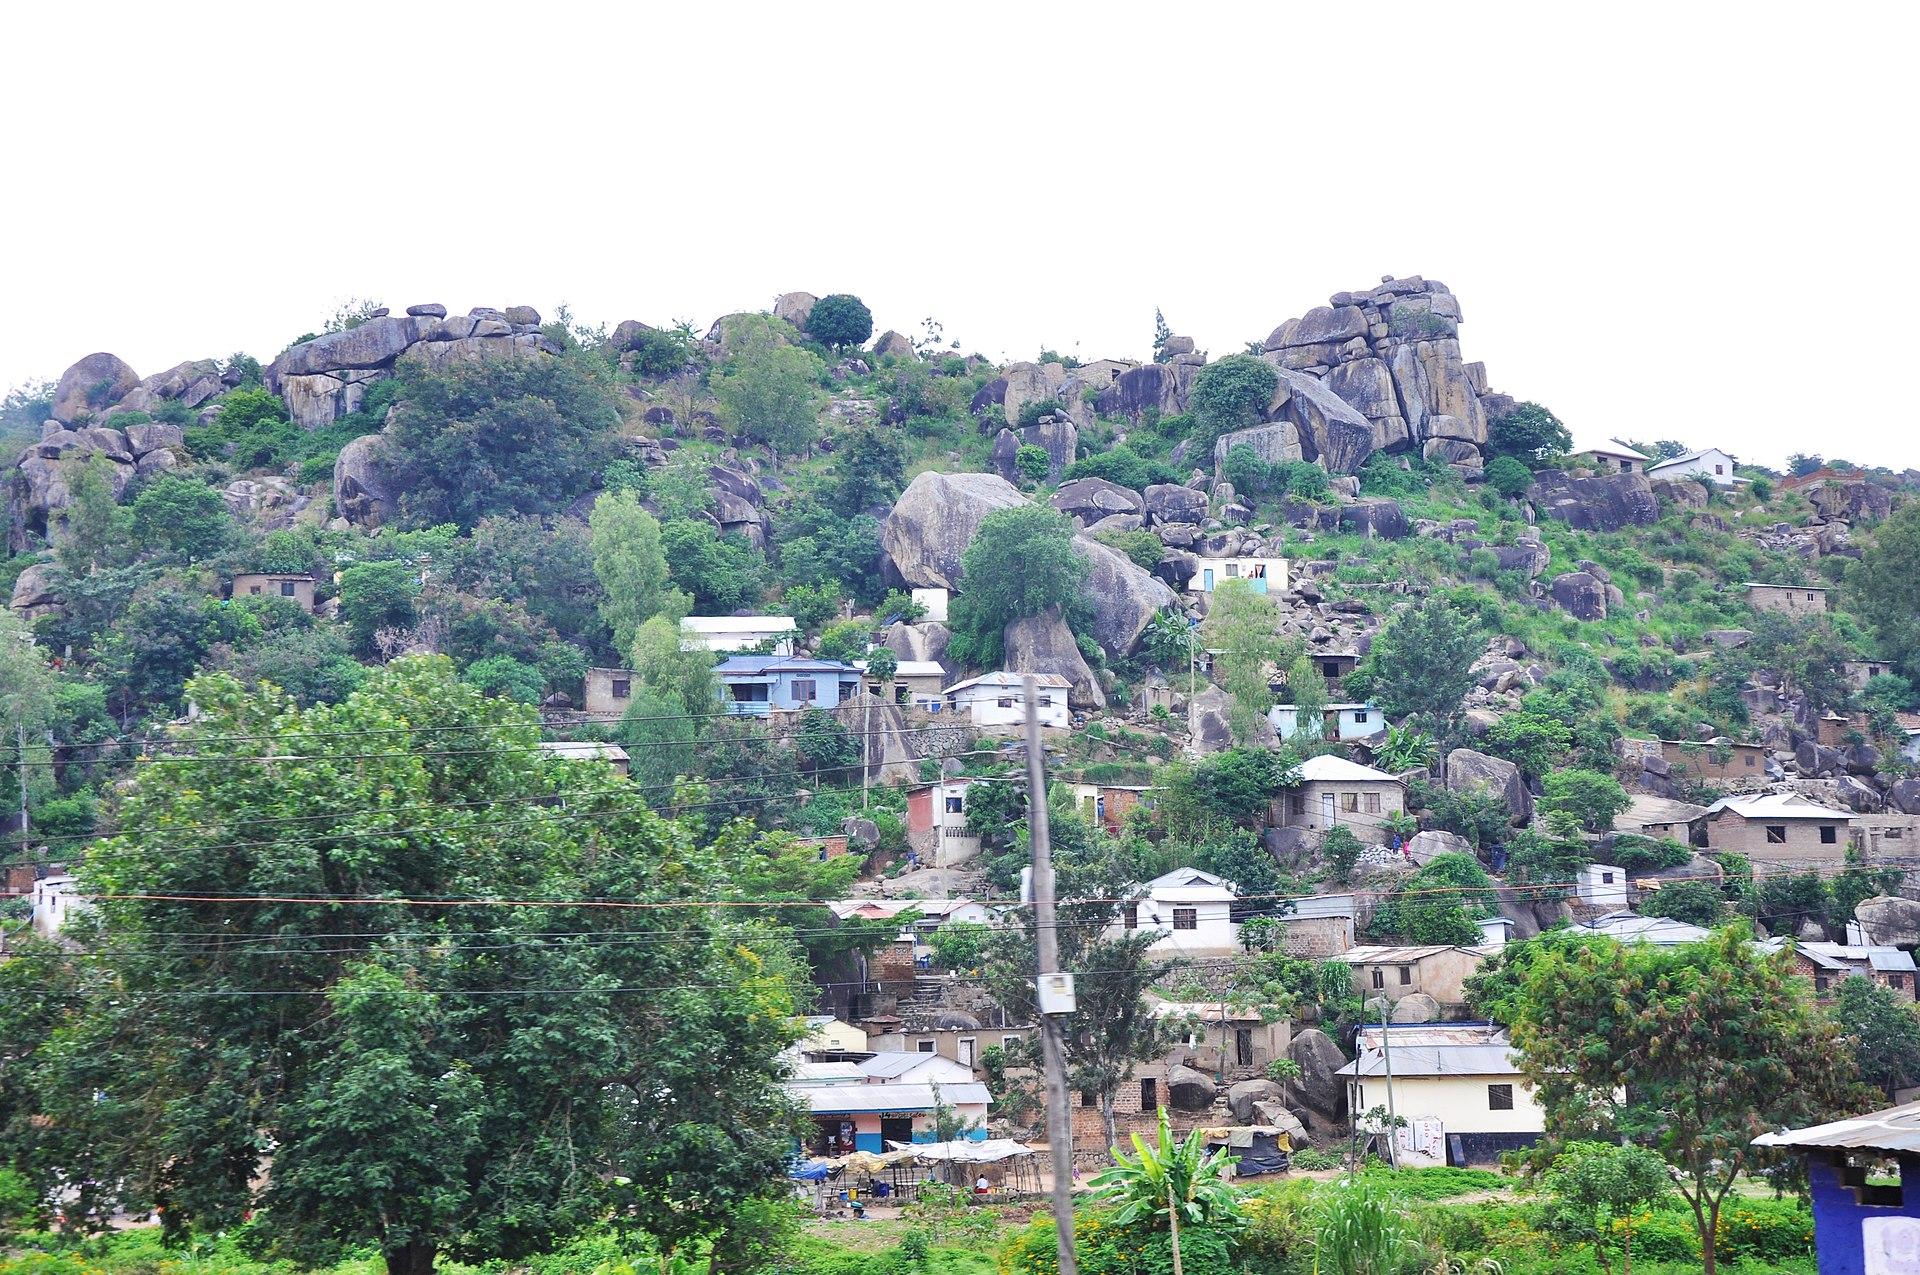 1920px-Mwanza_is_a_city_among_the_rocks.JPG